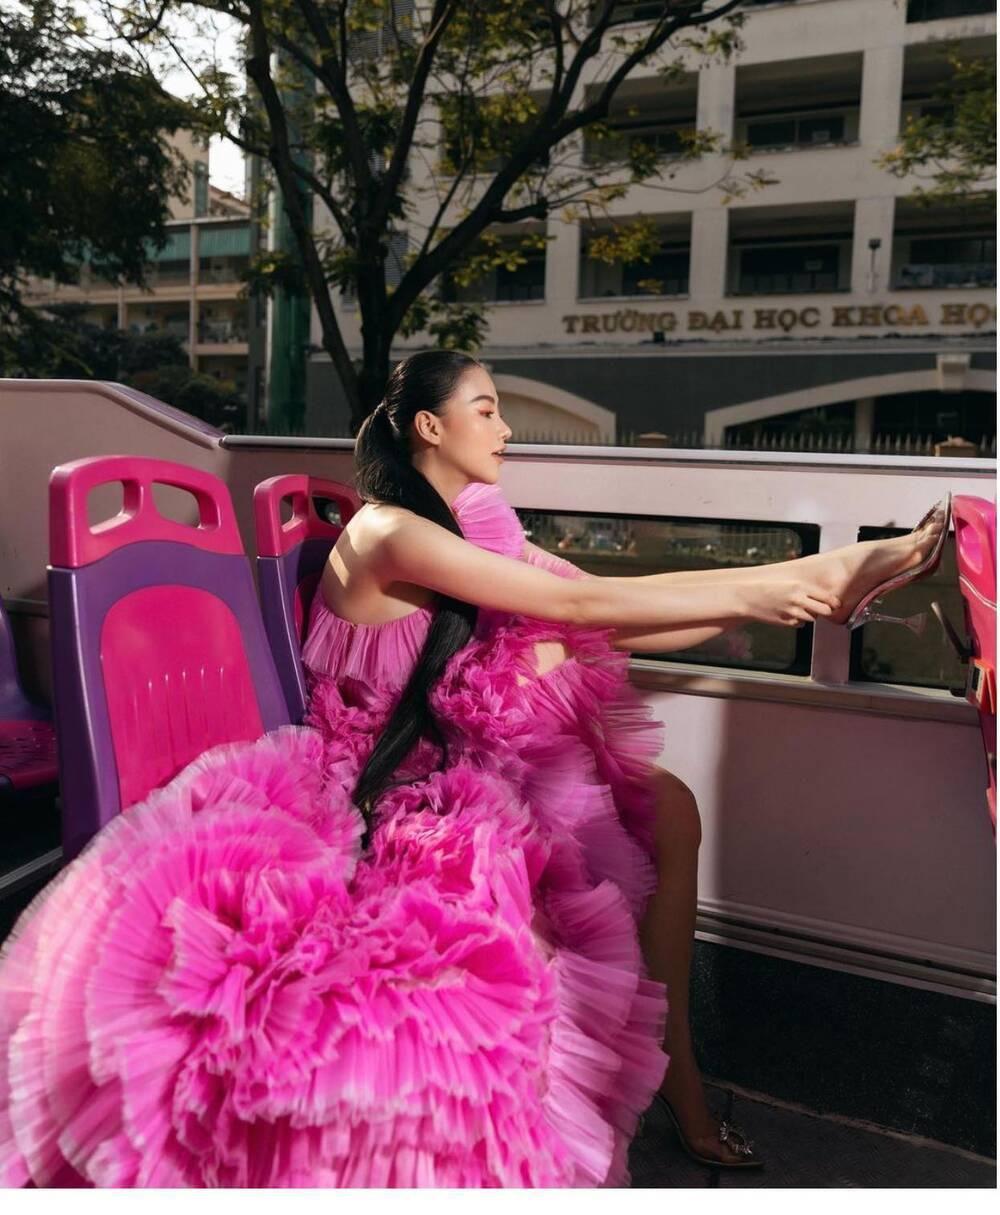 Đụng hàng Thủy Tiên, Hoa hậu Phương Khánh tự tin diện váy cắt xẻ tạo dáng trên xe buýt Ảnh 3